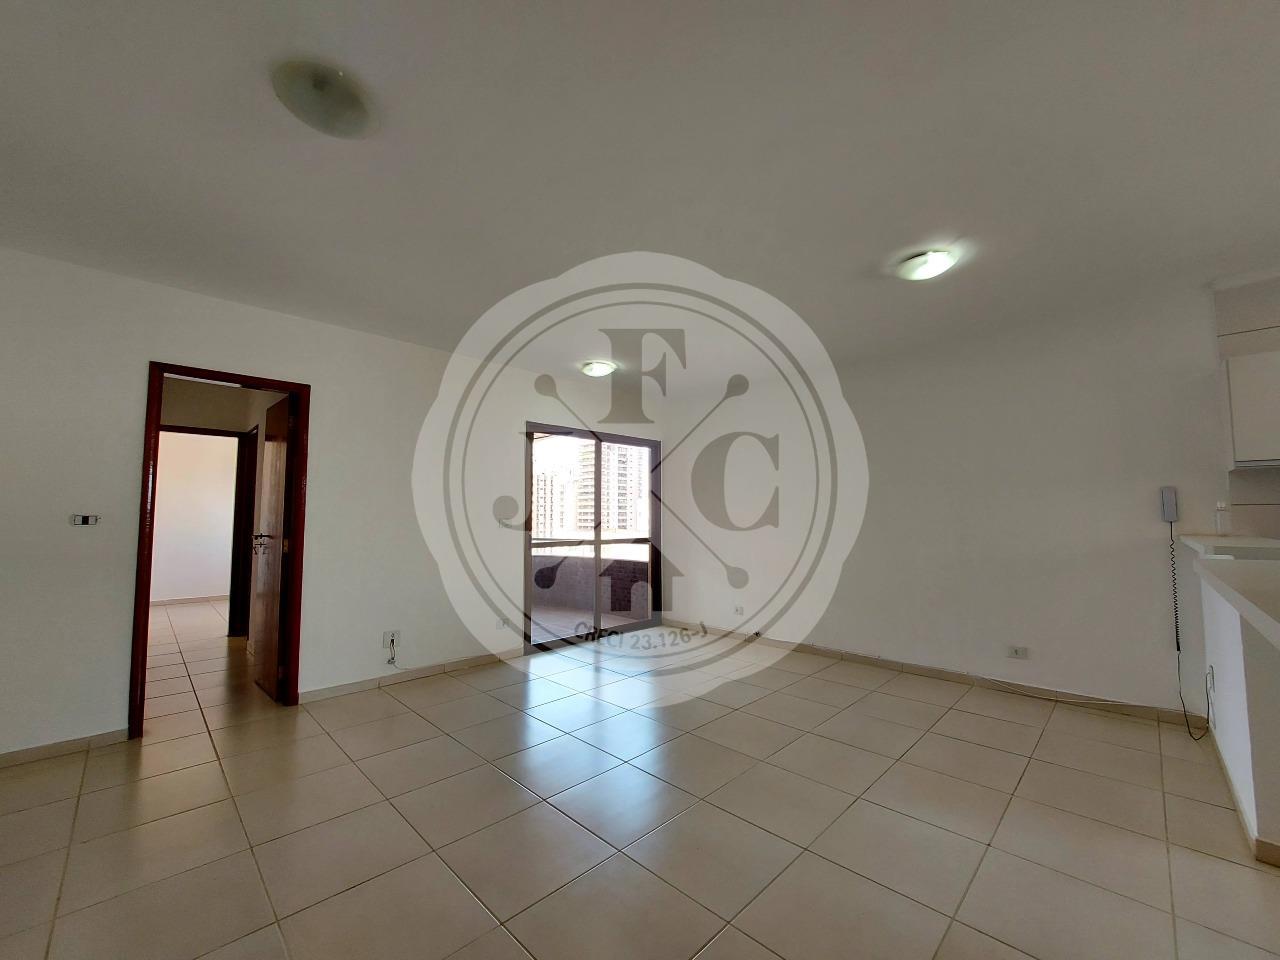 Excelente apartamento à venda com 1 dormitório no Centro.